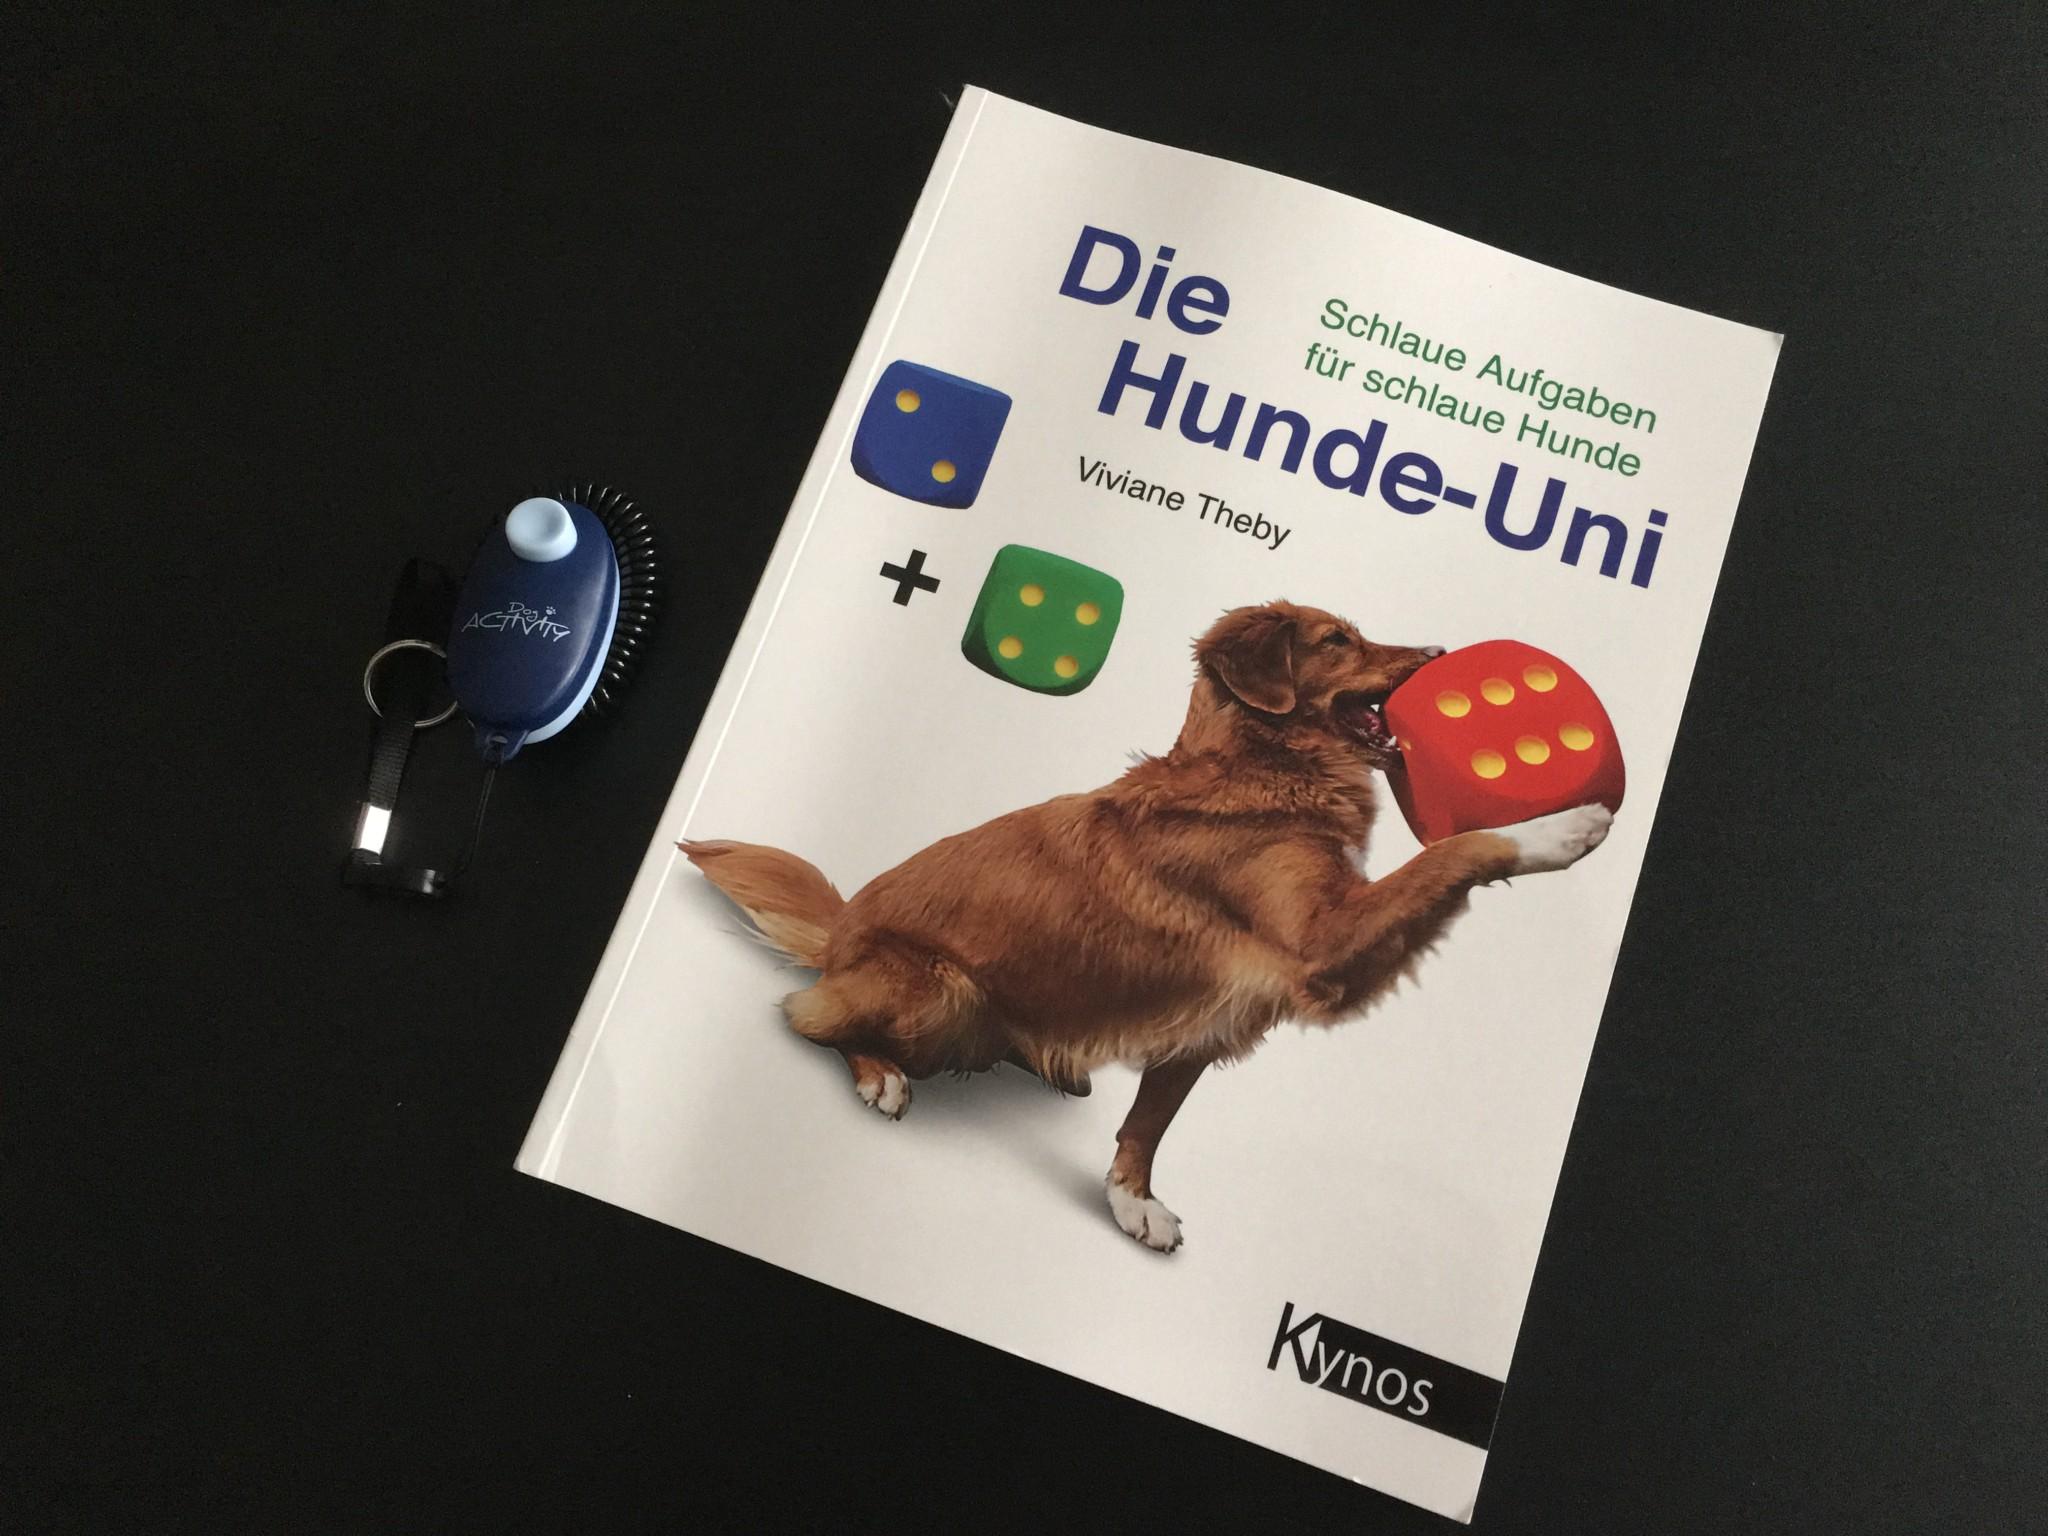 Die Hunde-Uni Tricktagebuch